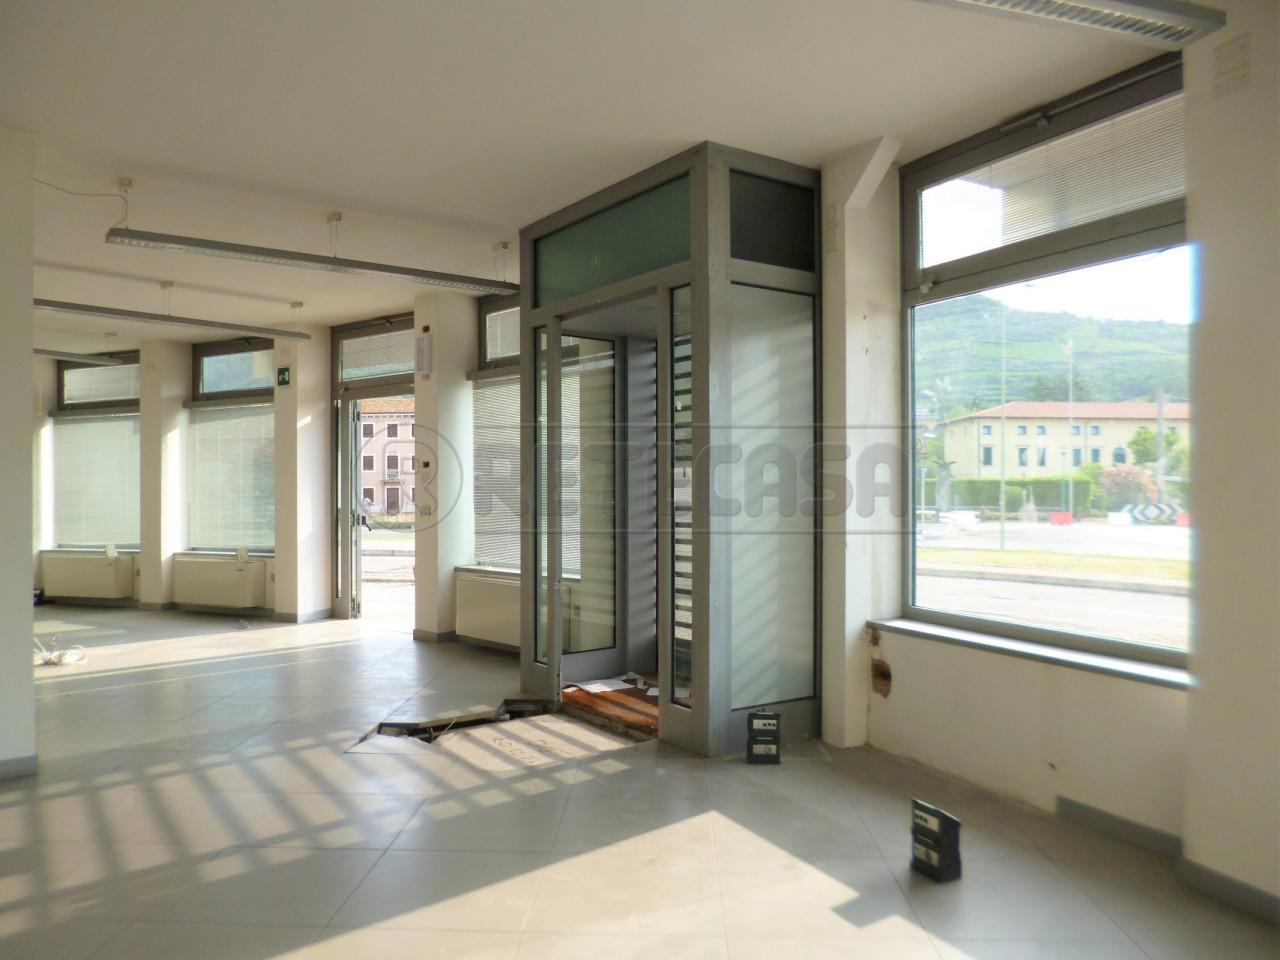 Negozio / Locale in affitto a Roncà, 4 locali, prezzo € 900 | Cambio Casa.it